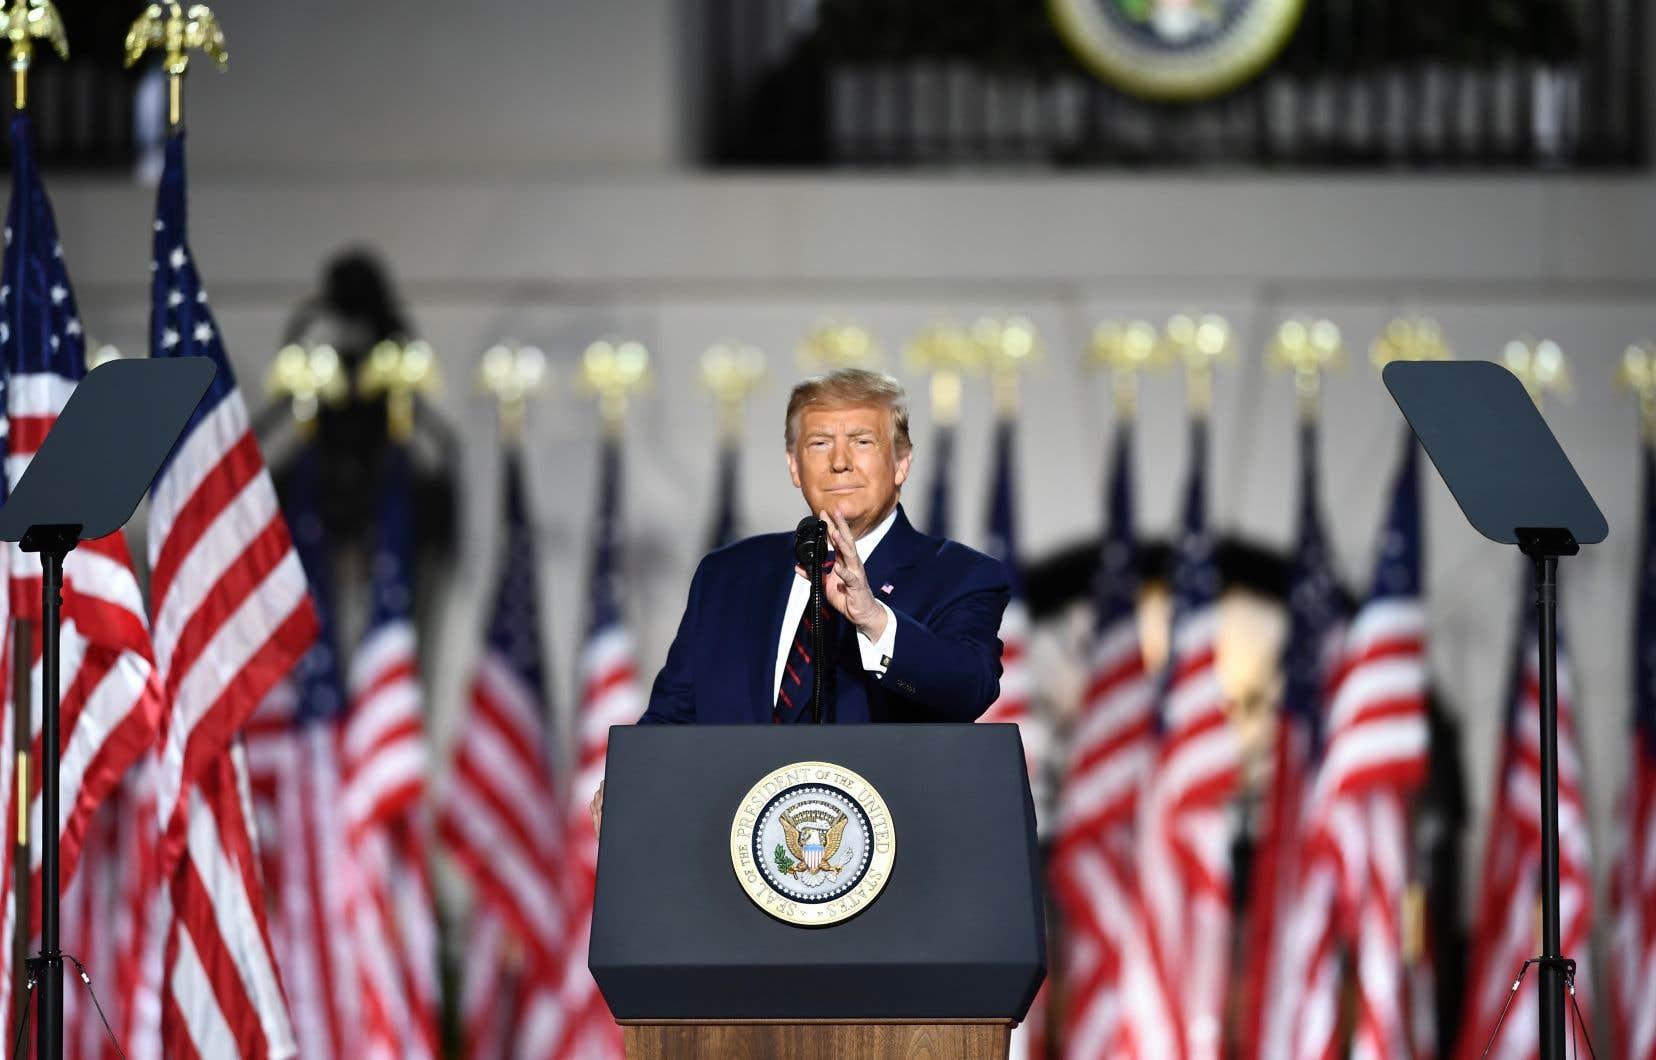 Scène inédite, et longtemps inimaginable, les pelouses de la Maison Blanche ont été transformées en scène de rassemblement politique.